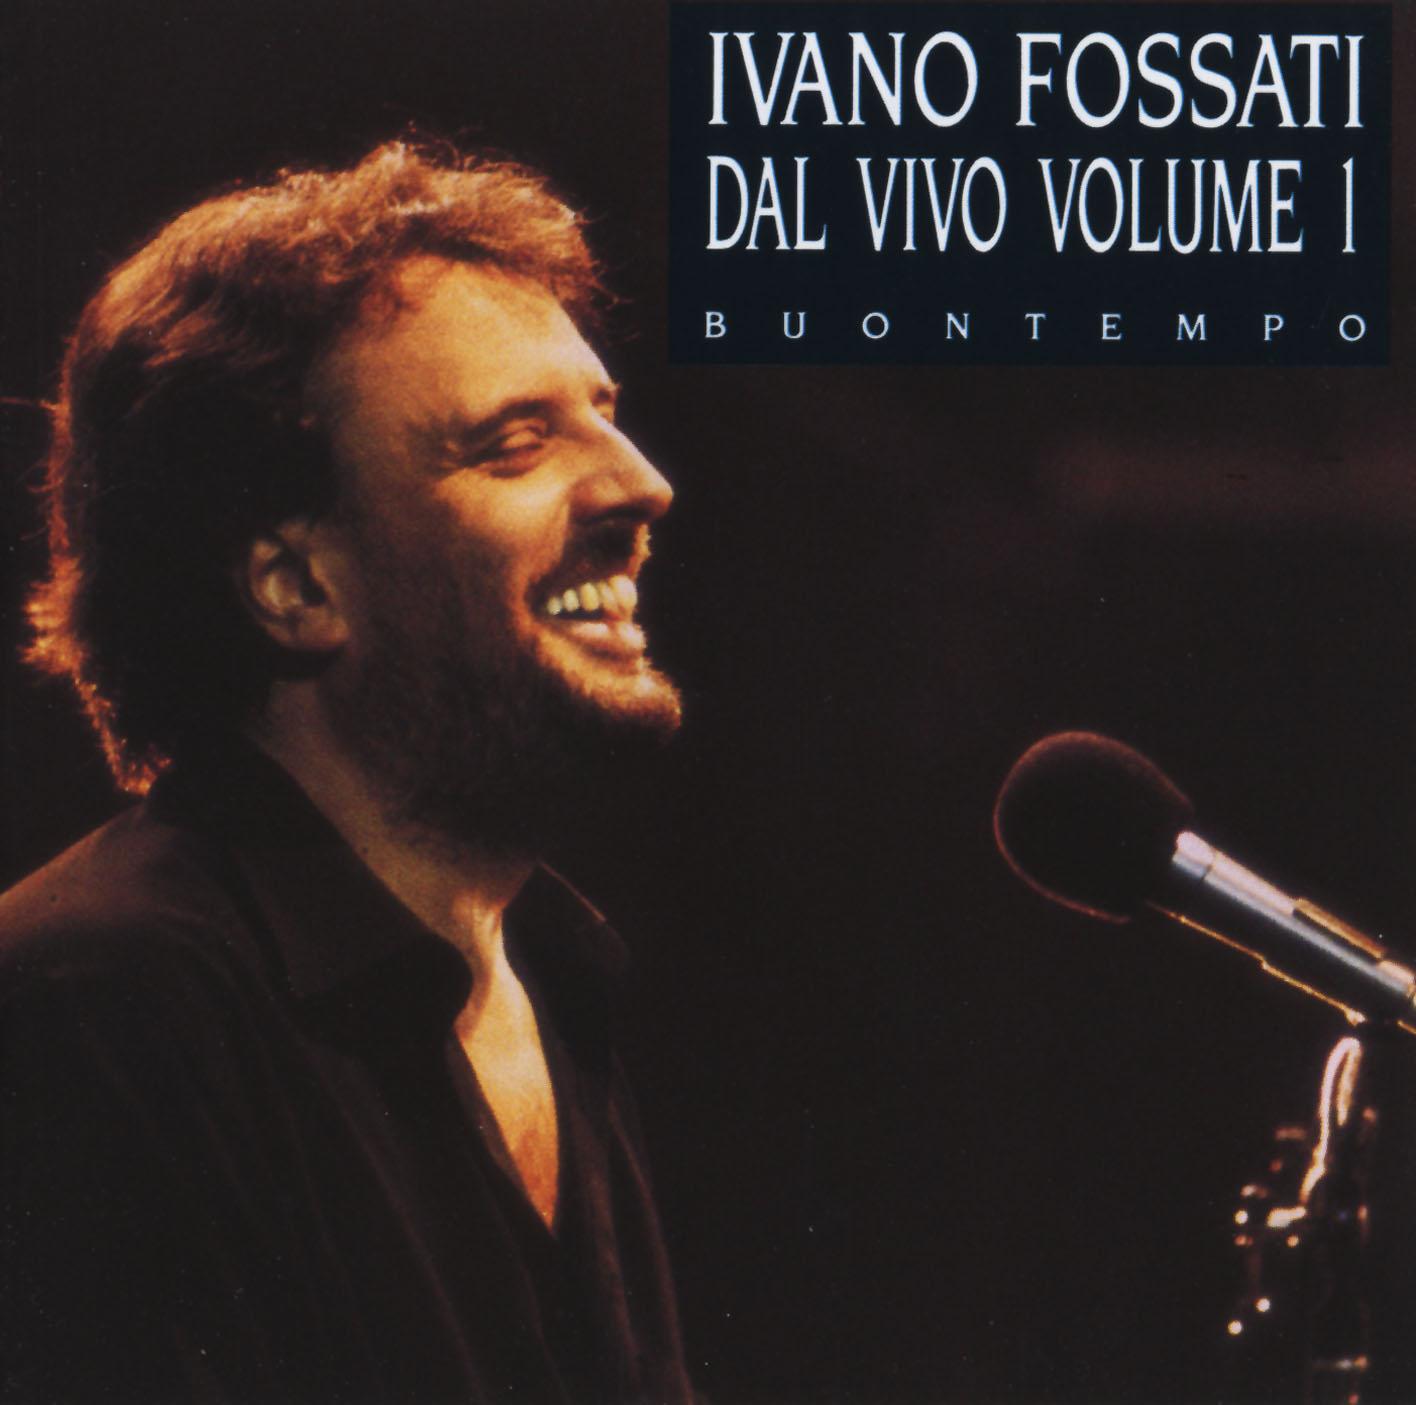 Dal Vivo Volume 1 – Buontempo